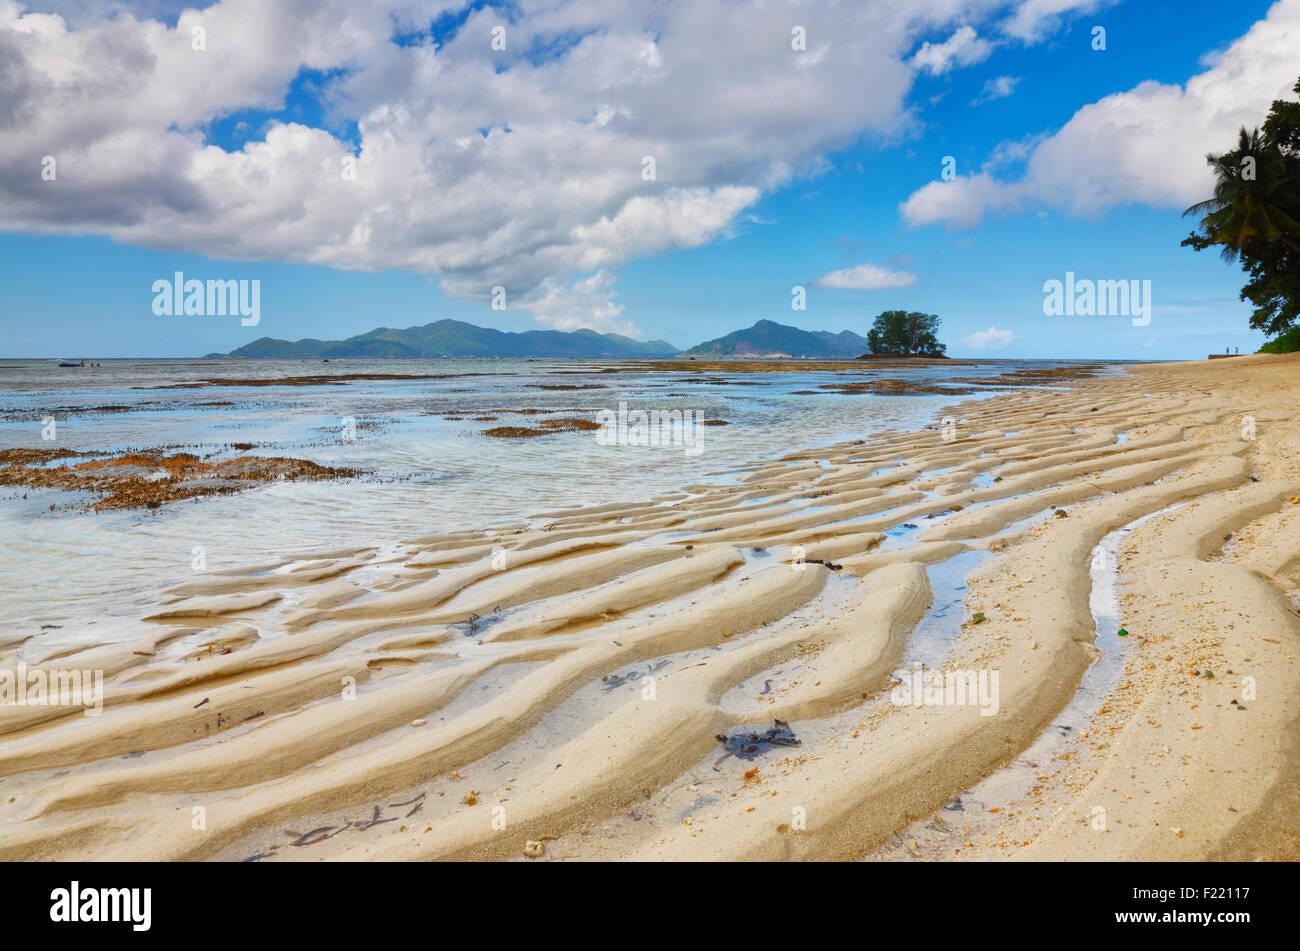 Tropical immagini tropical fotos stock alamy for Disegni di casa sulla spiaggia tropicale